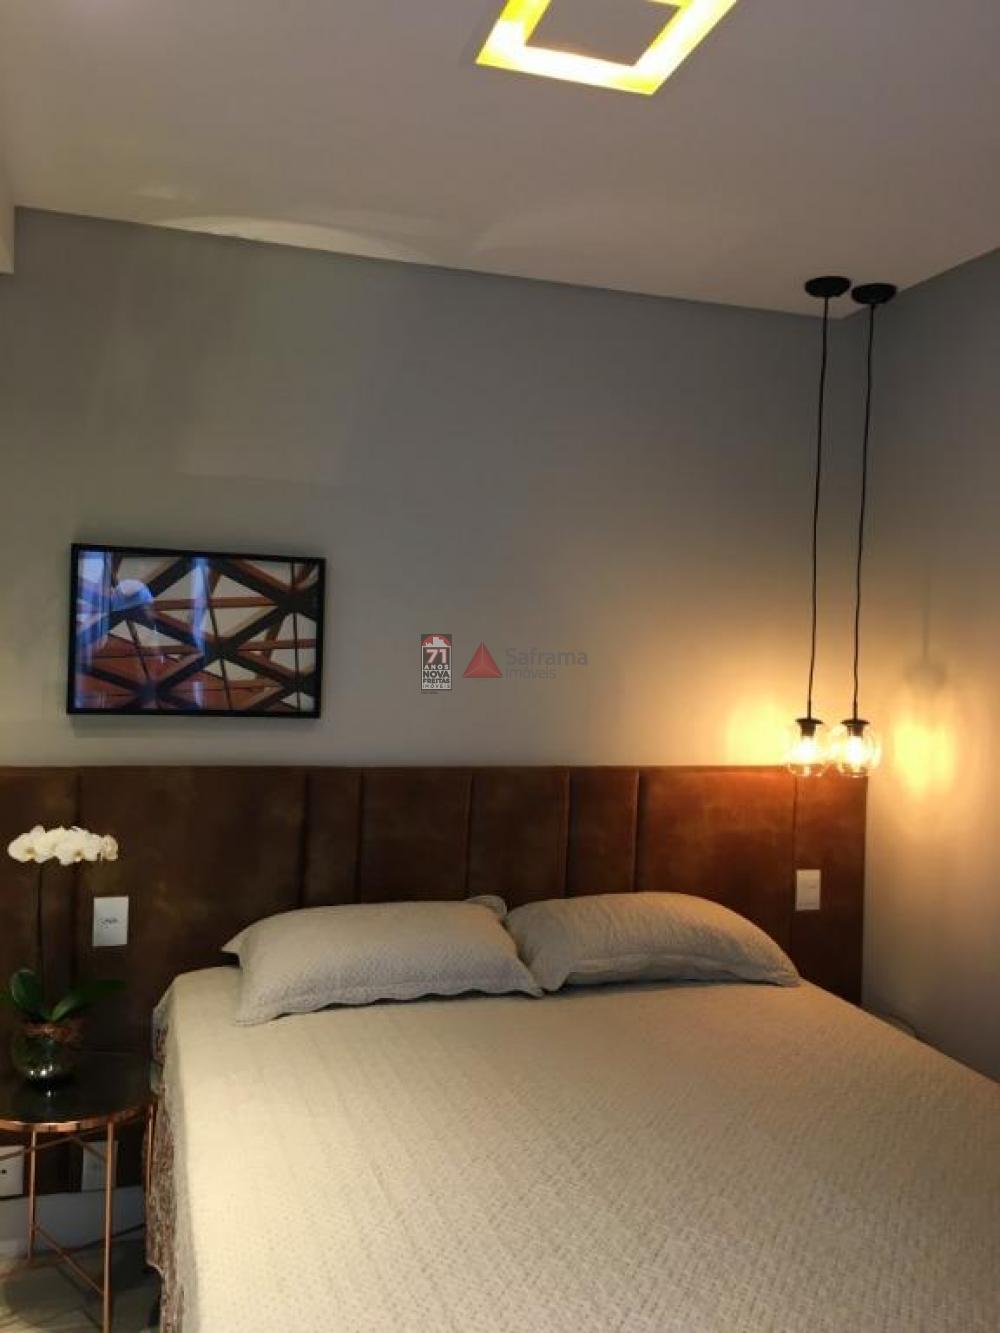 Comprar Apartamento / Padrão em São José dos Campos R$ 654.470,91 - Foto 20